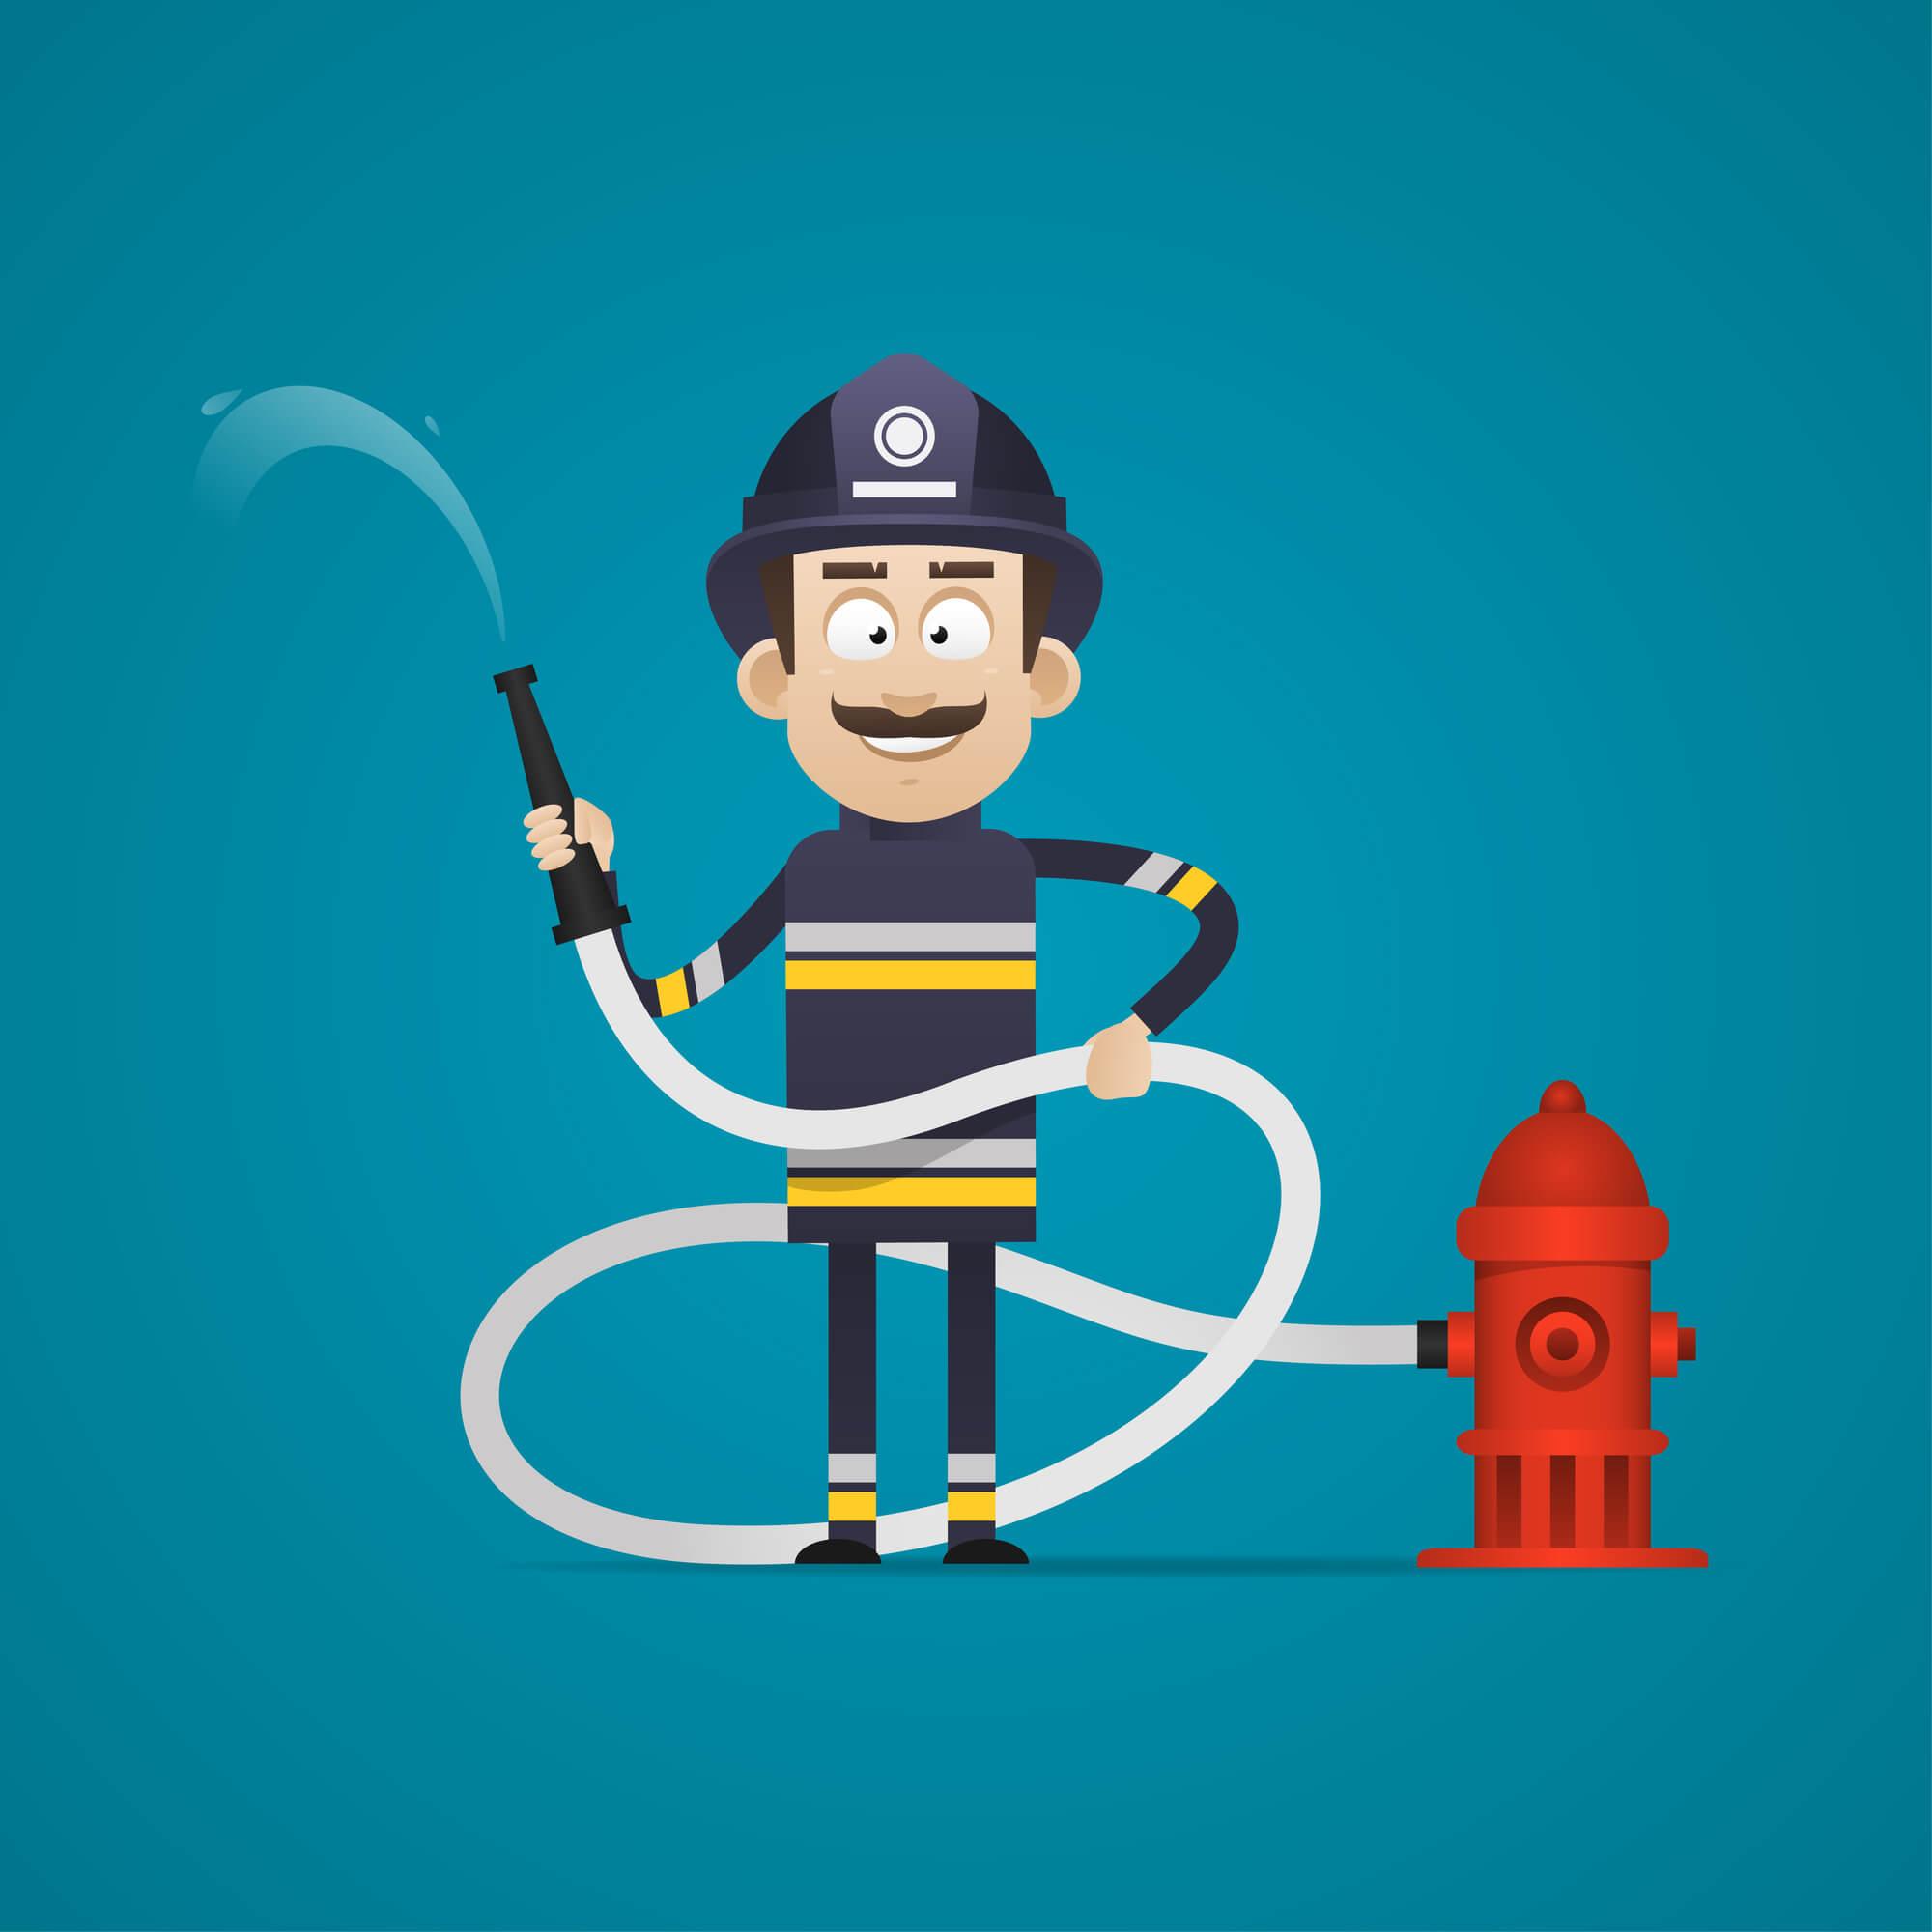 smiling-fireman-holding-hose